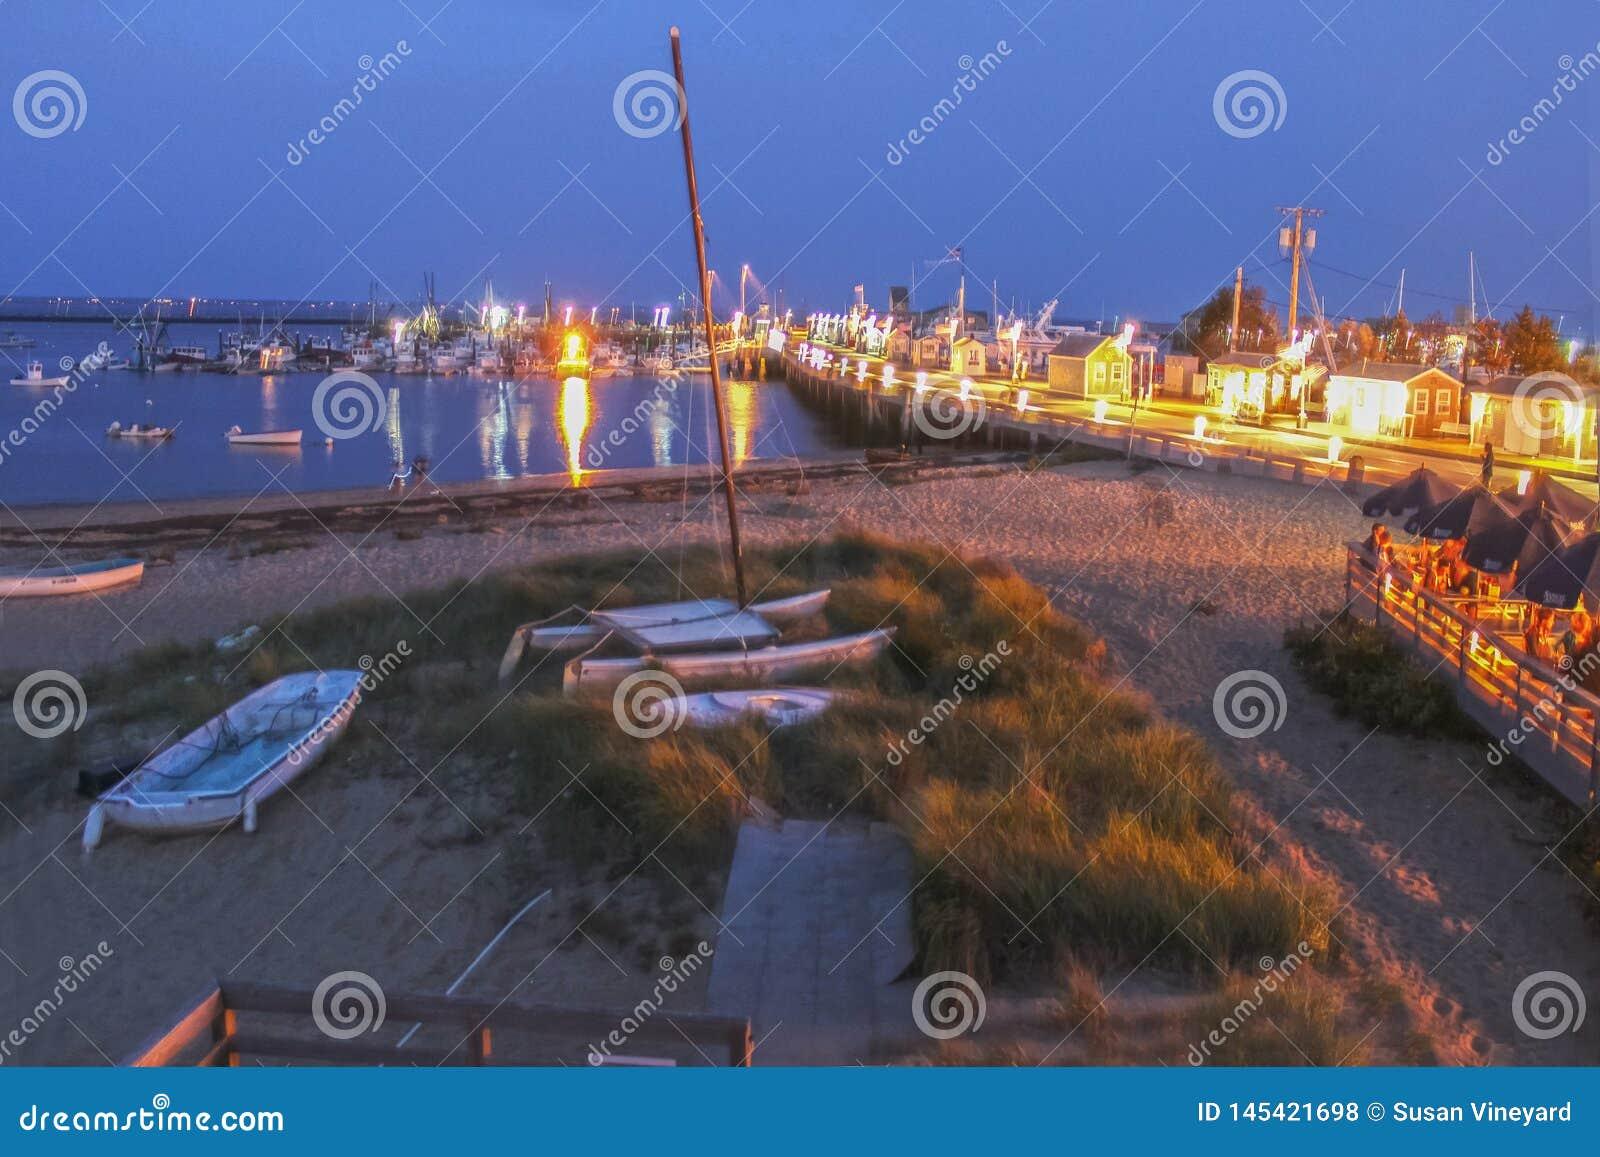 Pilier de MacMillan à l astuce de Cape Cod Etats-Unis la nuit - un hub occupé pour la pêche et les ferries - avec des touristes s